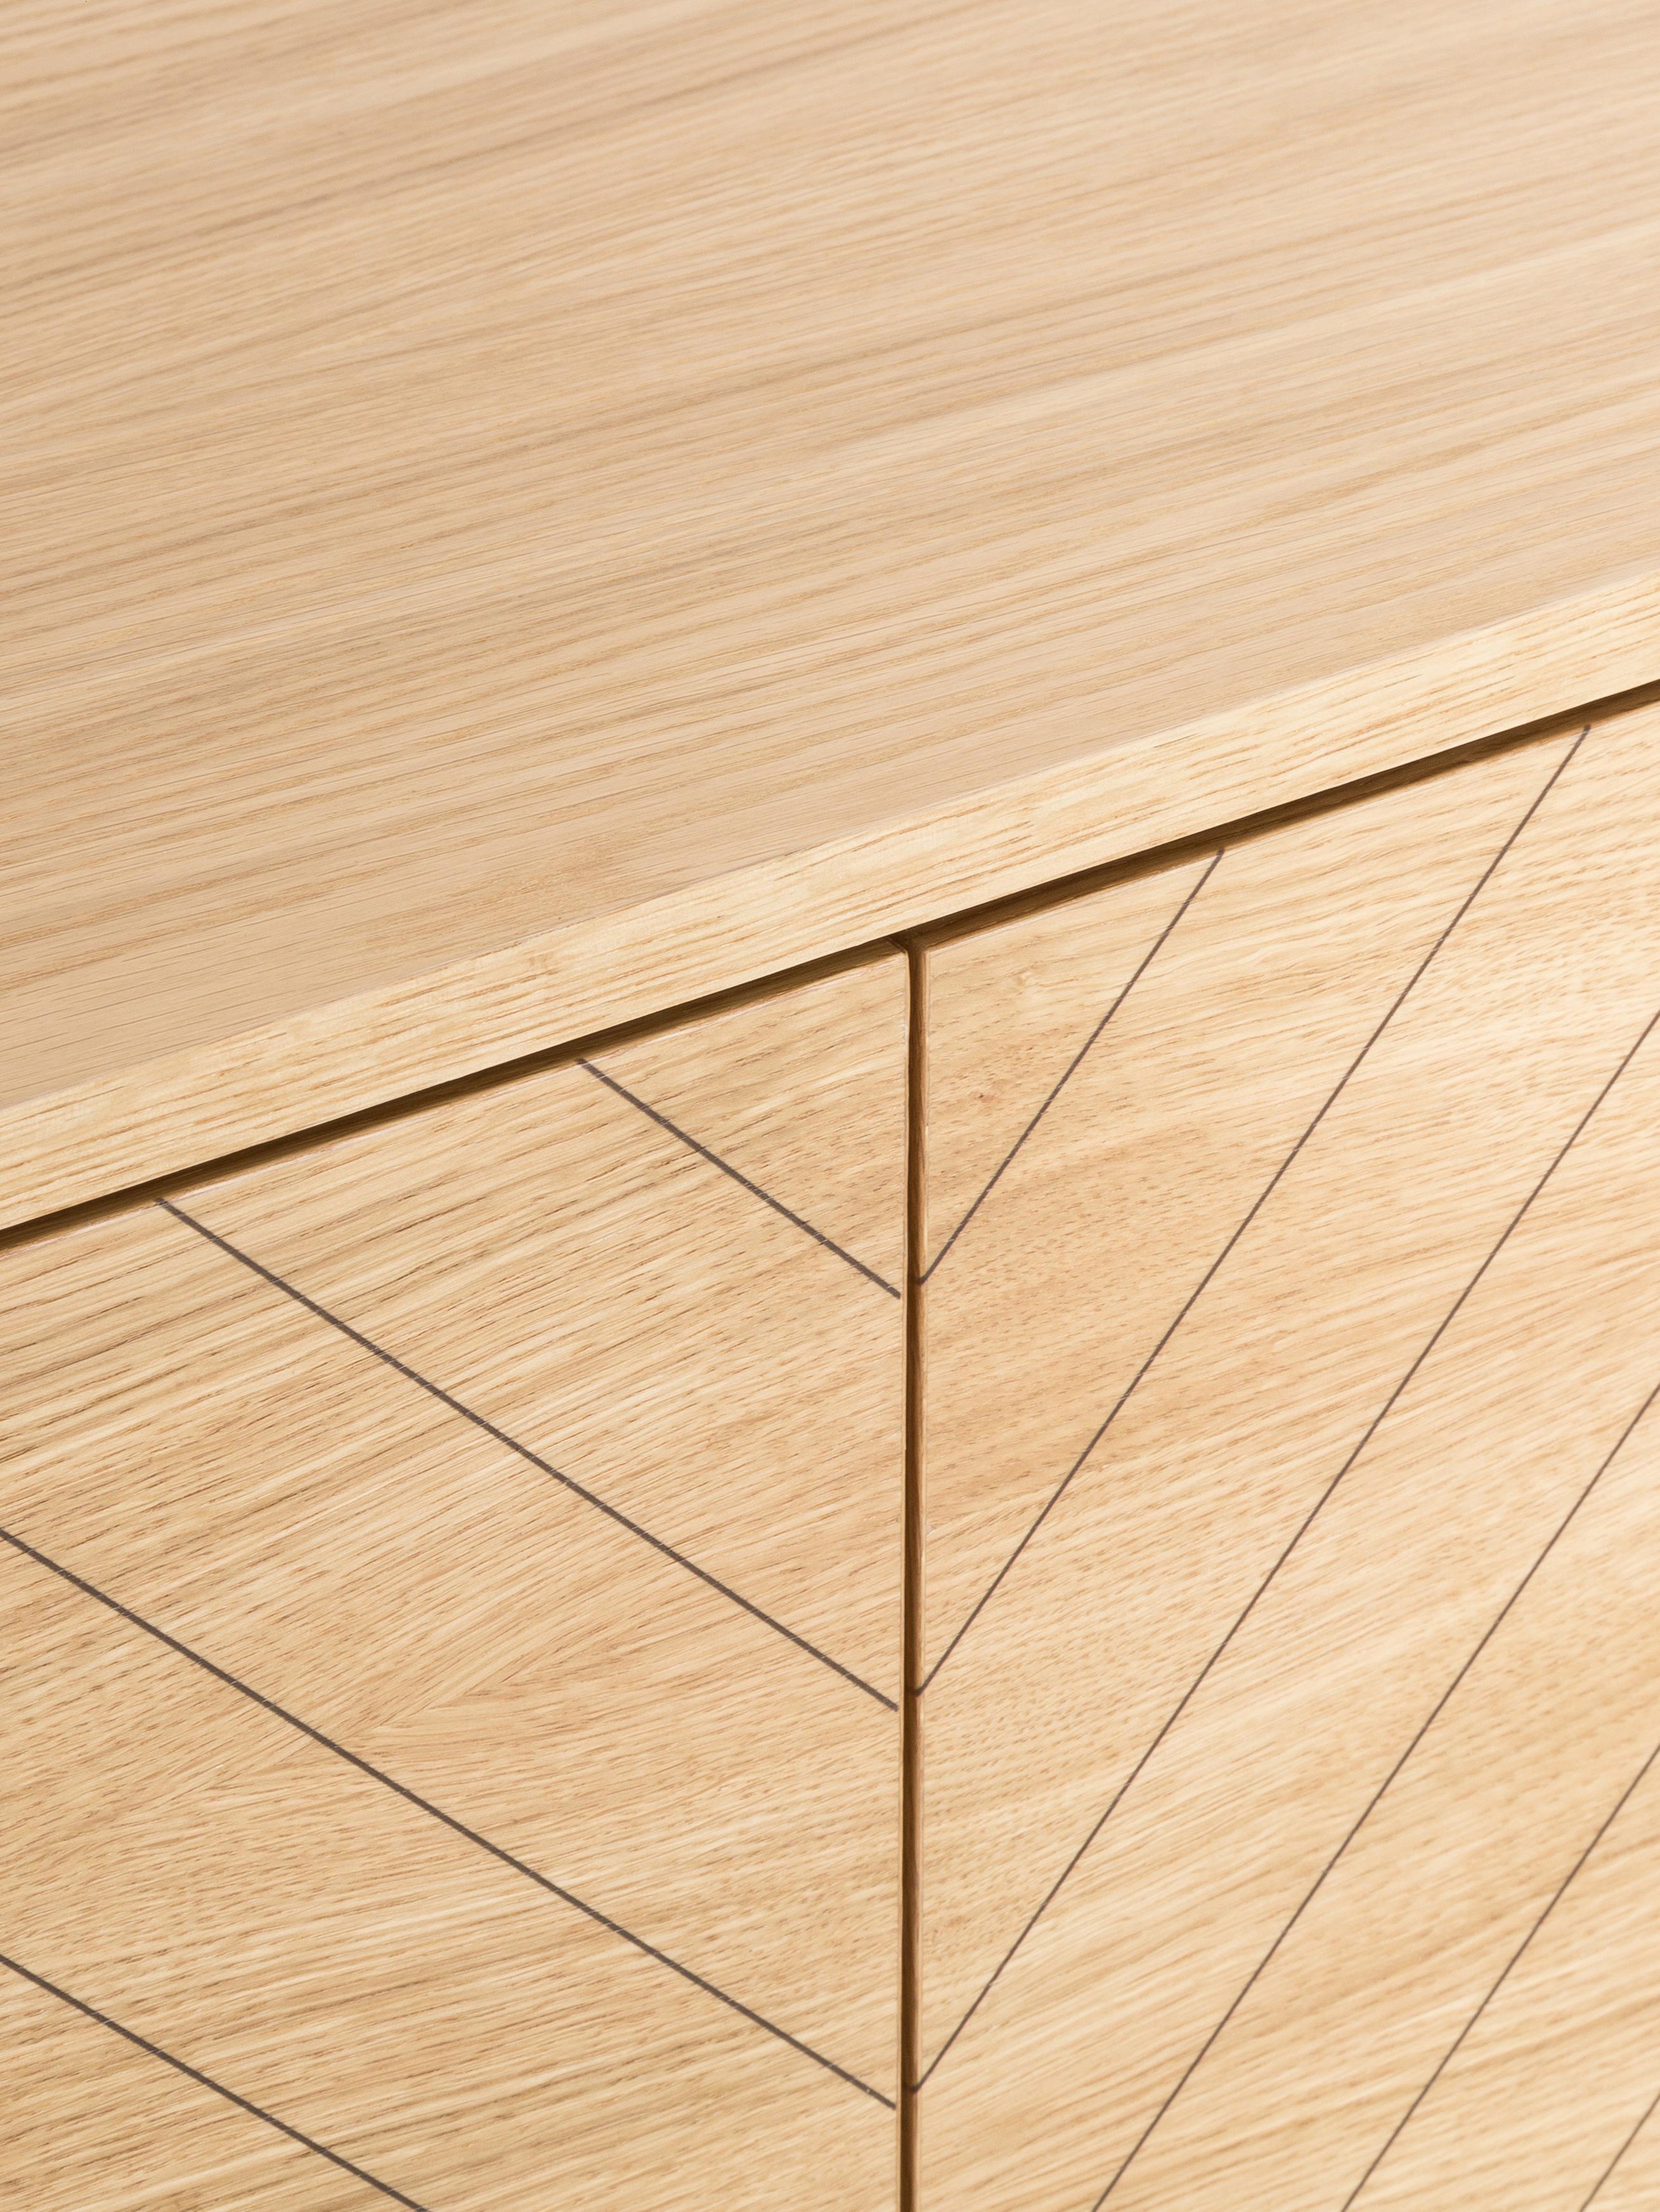 Komoda Camden, Korpus: płyta pilśniowa (MDF) z f, Nogi: drewno brzozowe, lakierow, Drewno dębowe, S 175 x W 75 cm